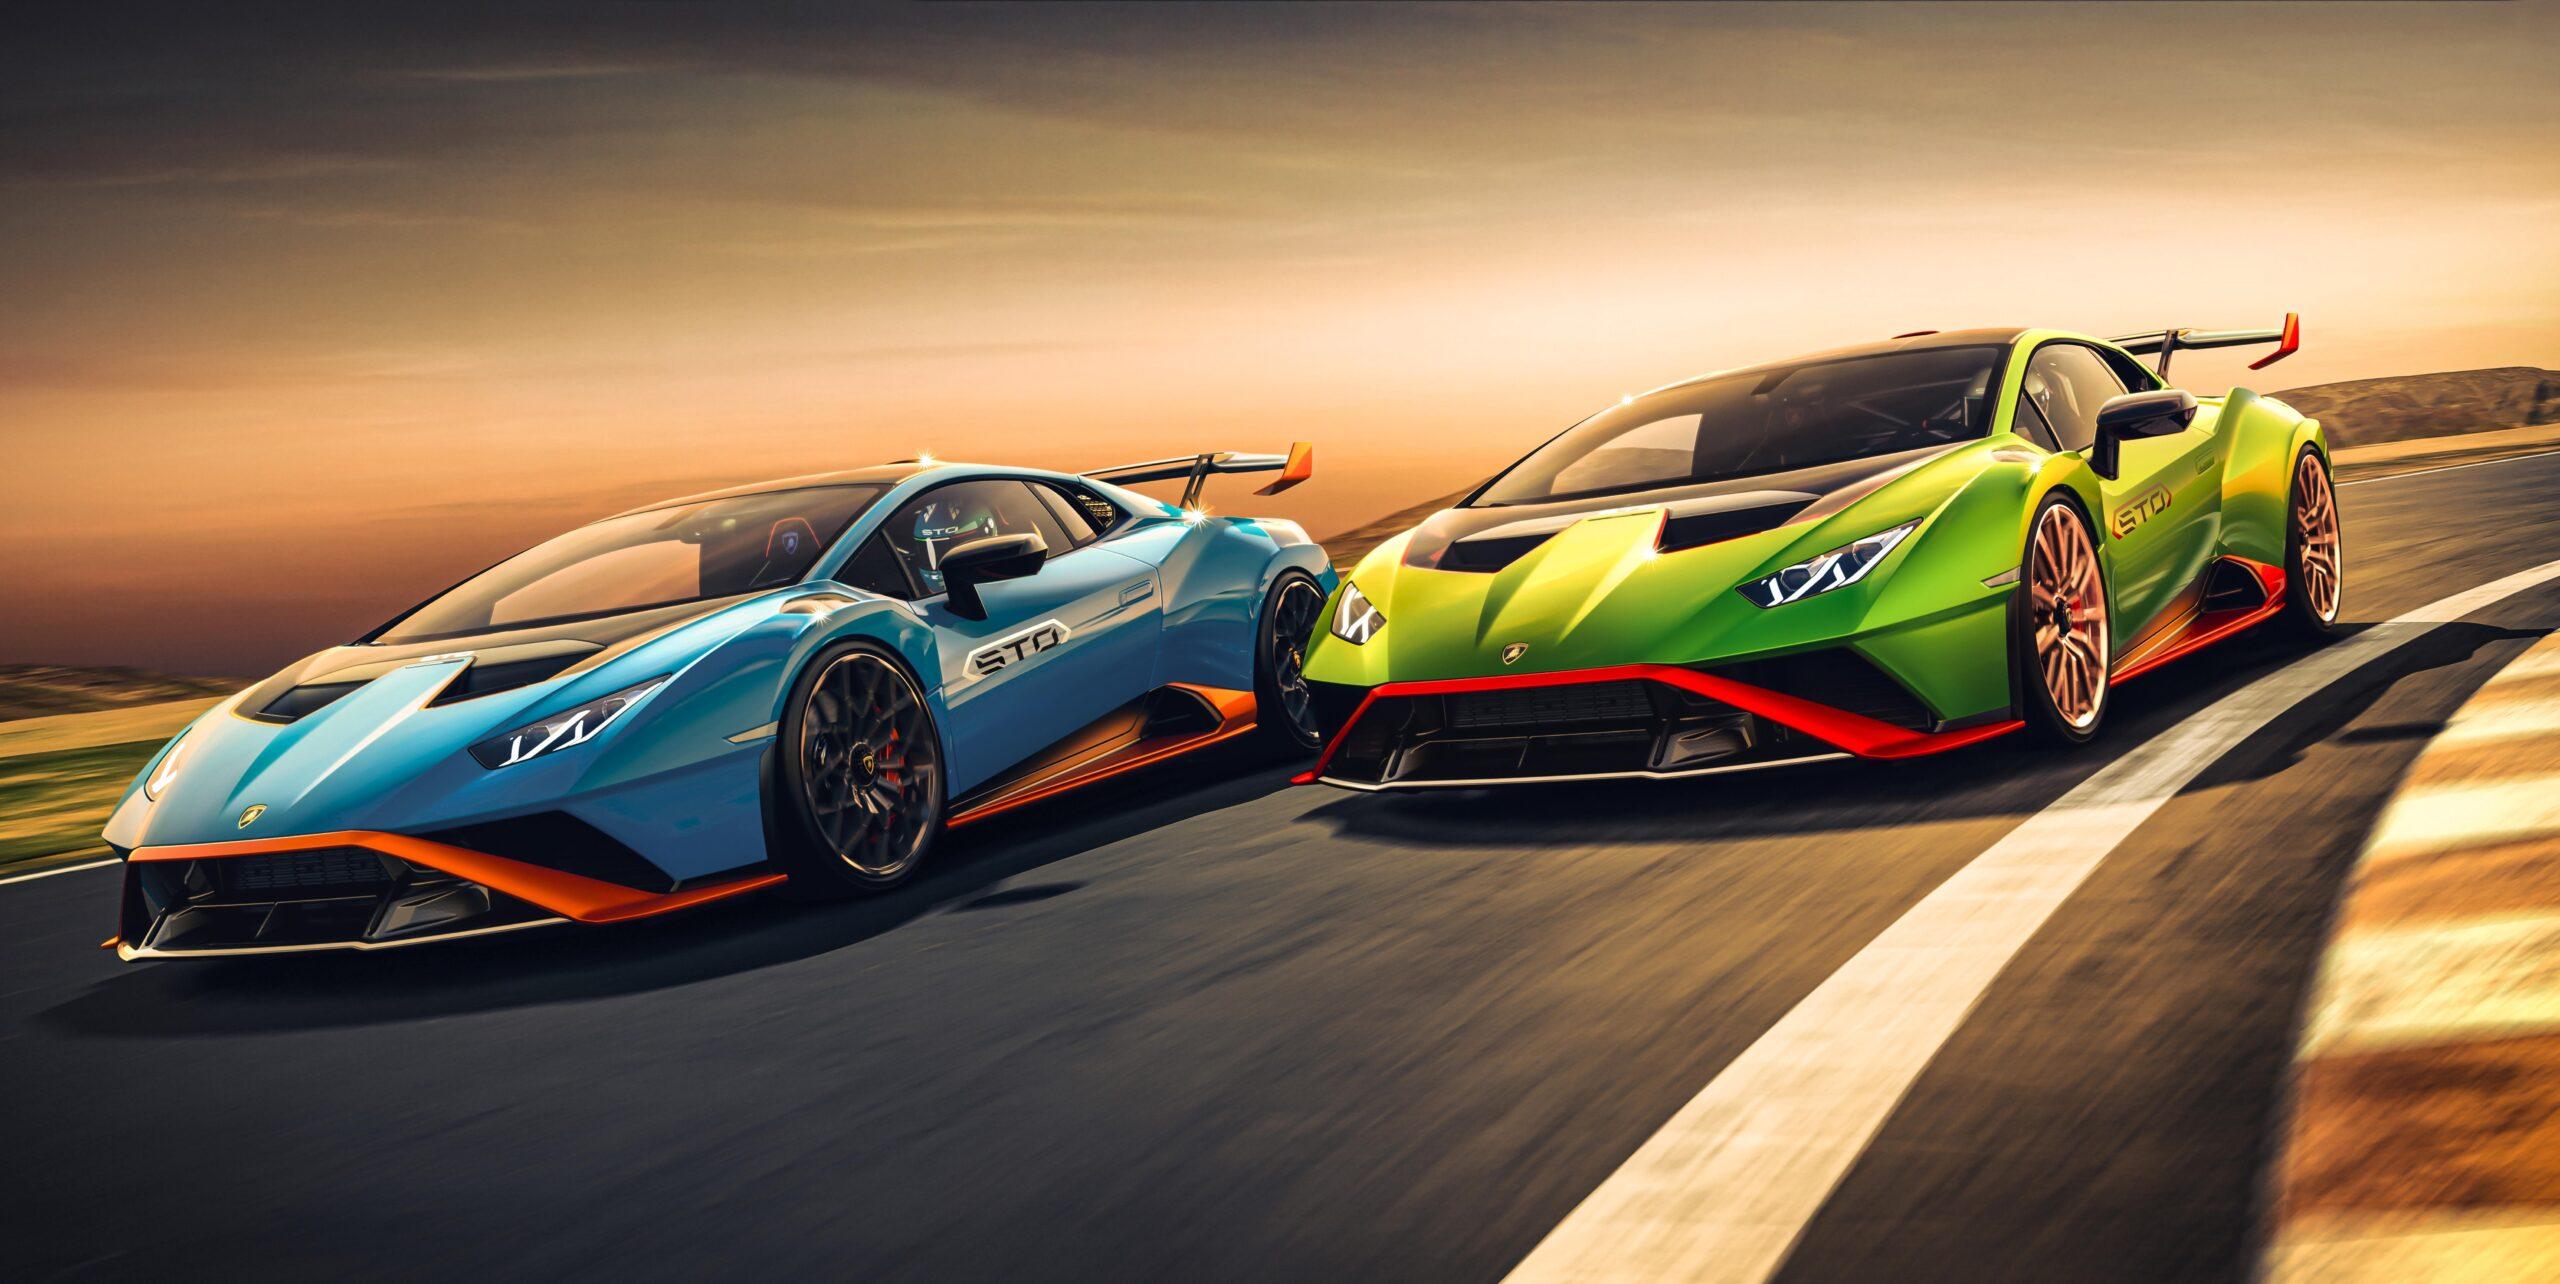 In arrivo due nuovi modelli Lamborghini con il V12.